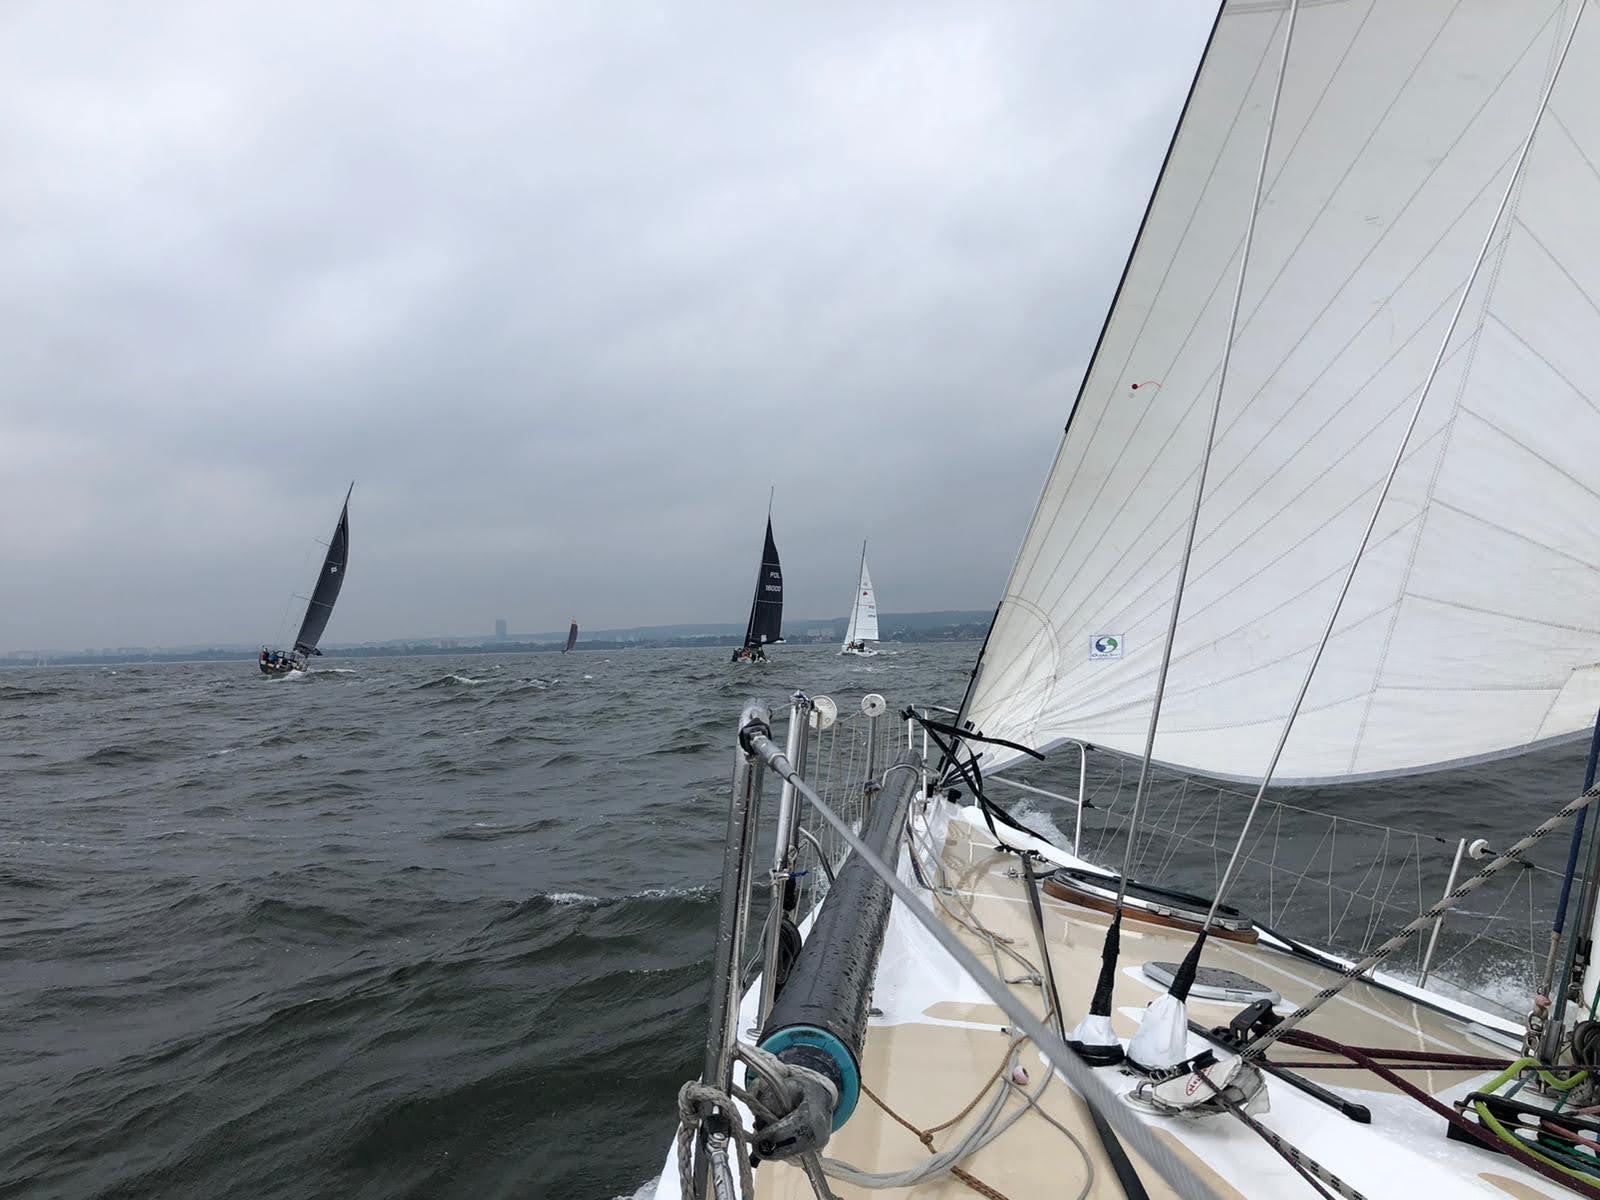 Team 10BFT opisuje: nad pokładem dziobowym jachtu pracuje fok. W oddali widać cztery inne jachtu i Gdynię